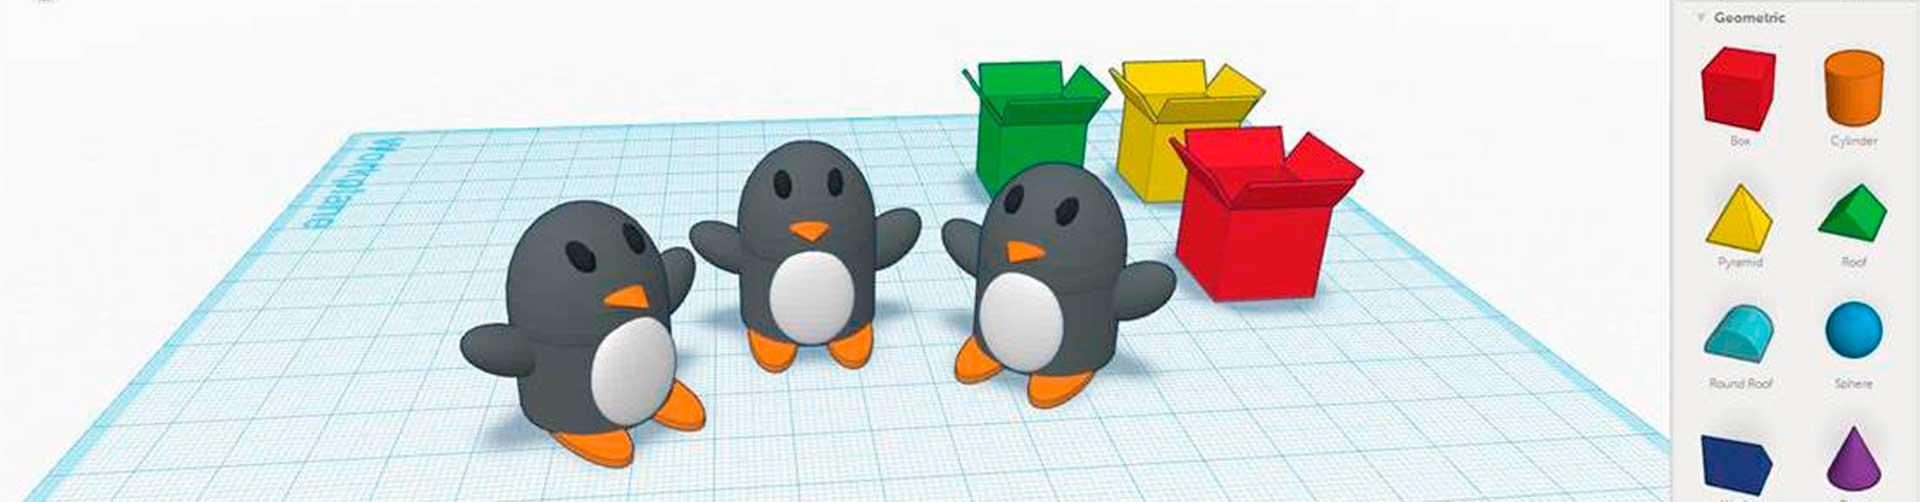 Programas de dise o 3d gratuitos i entresd blog for Programas de diseno 3d